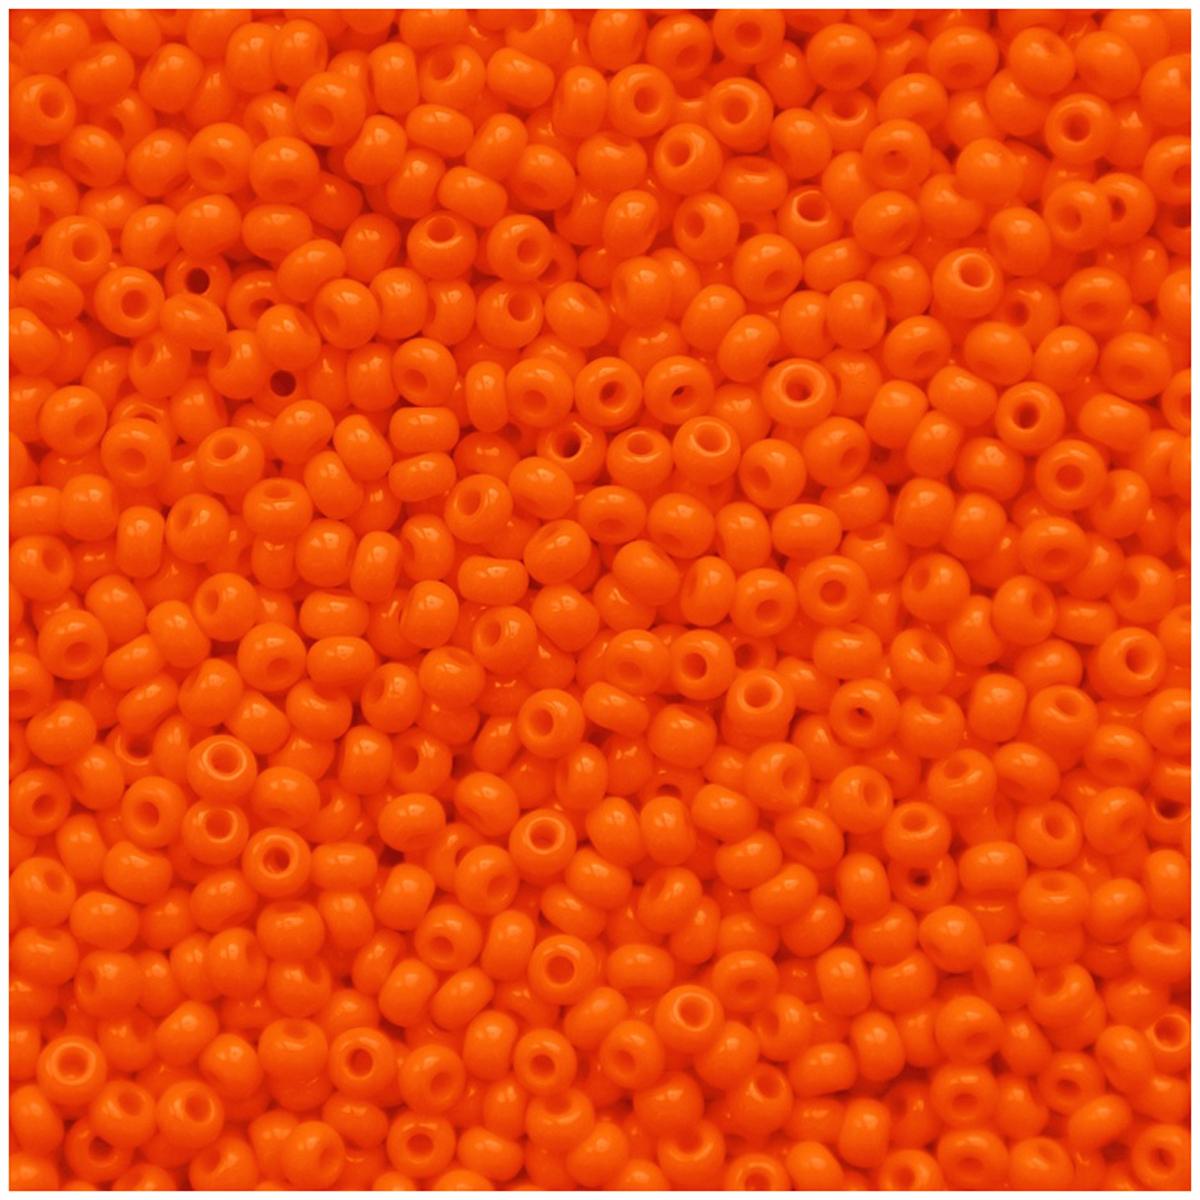 Бисер Preciosa, непрозрачный, глянцевый, цвет: оранжевый (93140), 5 г бисер preciosa ассорти непрозрачный глянцевый цвет светло лиловый 03195 10 0 20 г